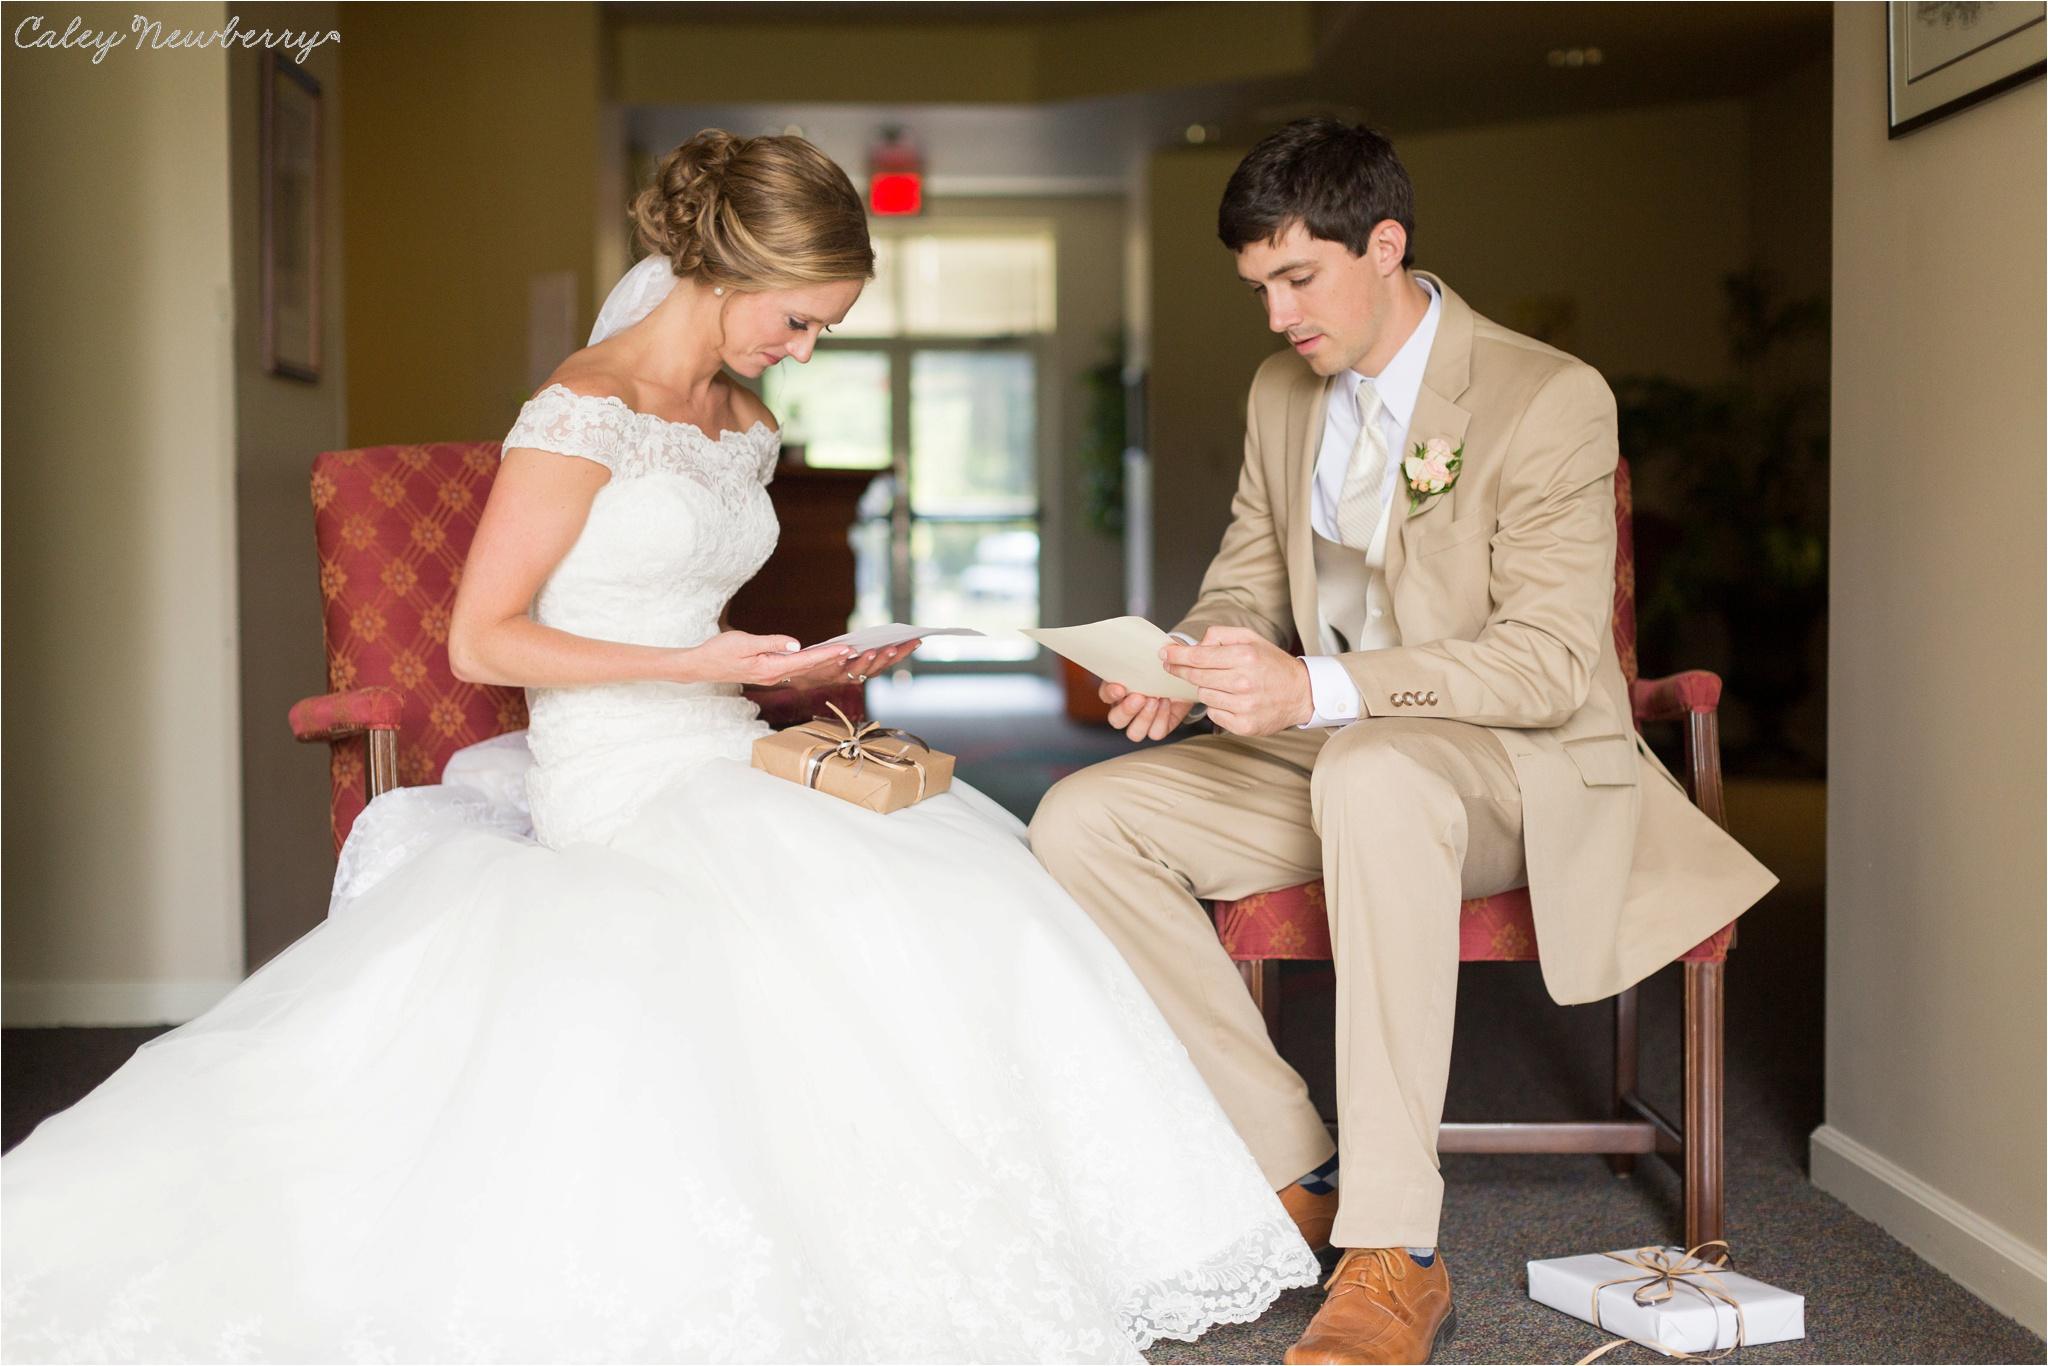 wedding-gift-exchange